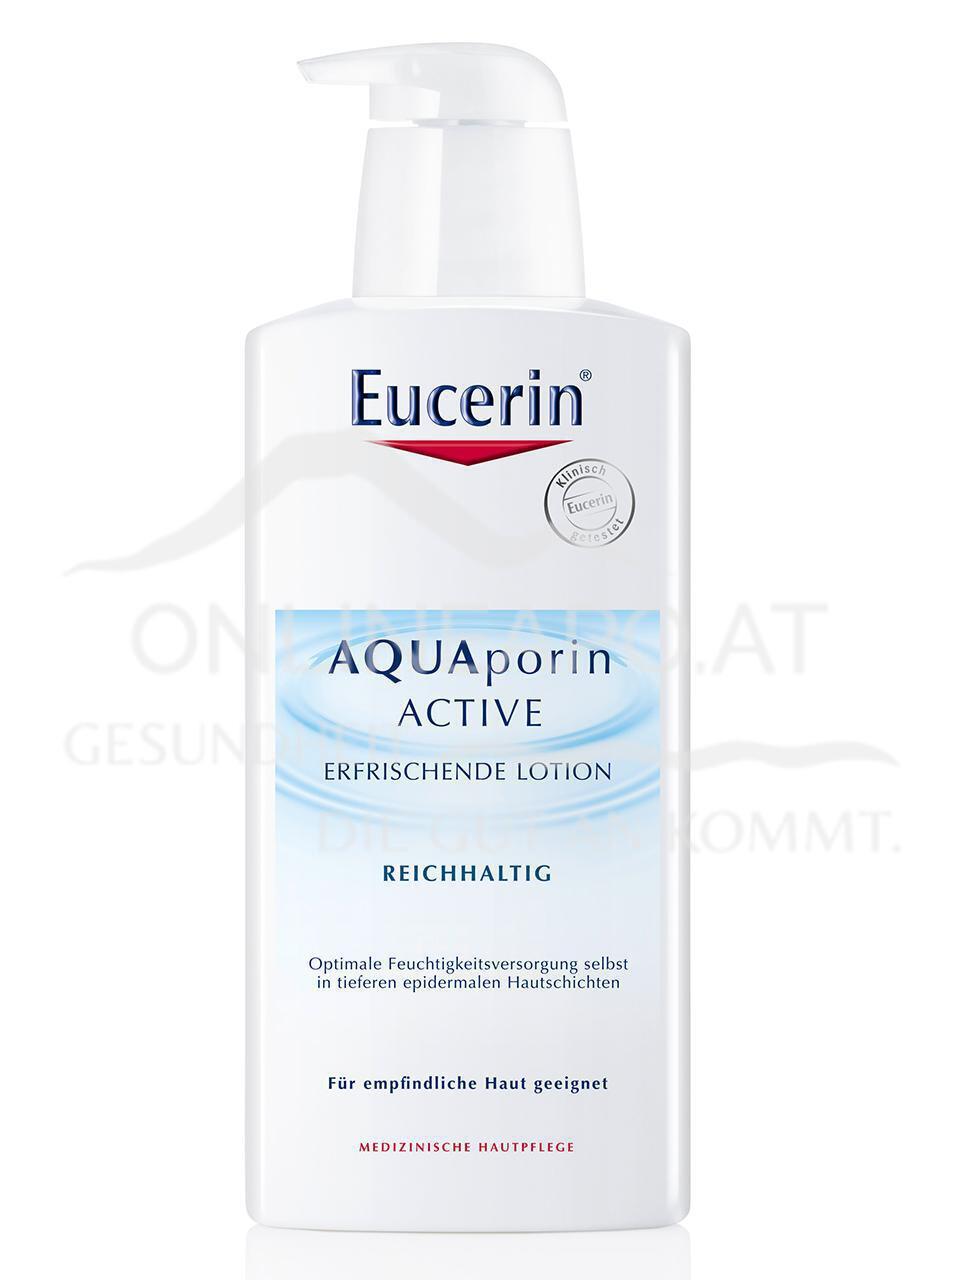 Eucerin AQUAporin ACTIVE ERFRISCHENDE LOTION REICHHALTIG